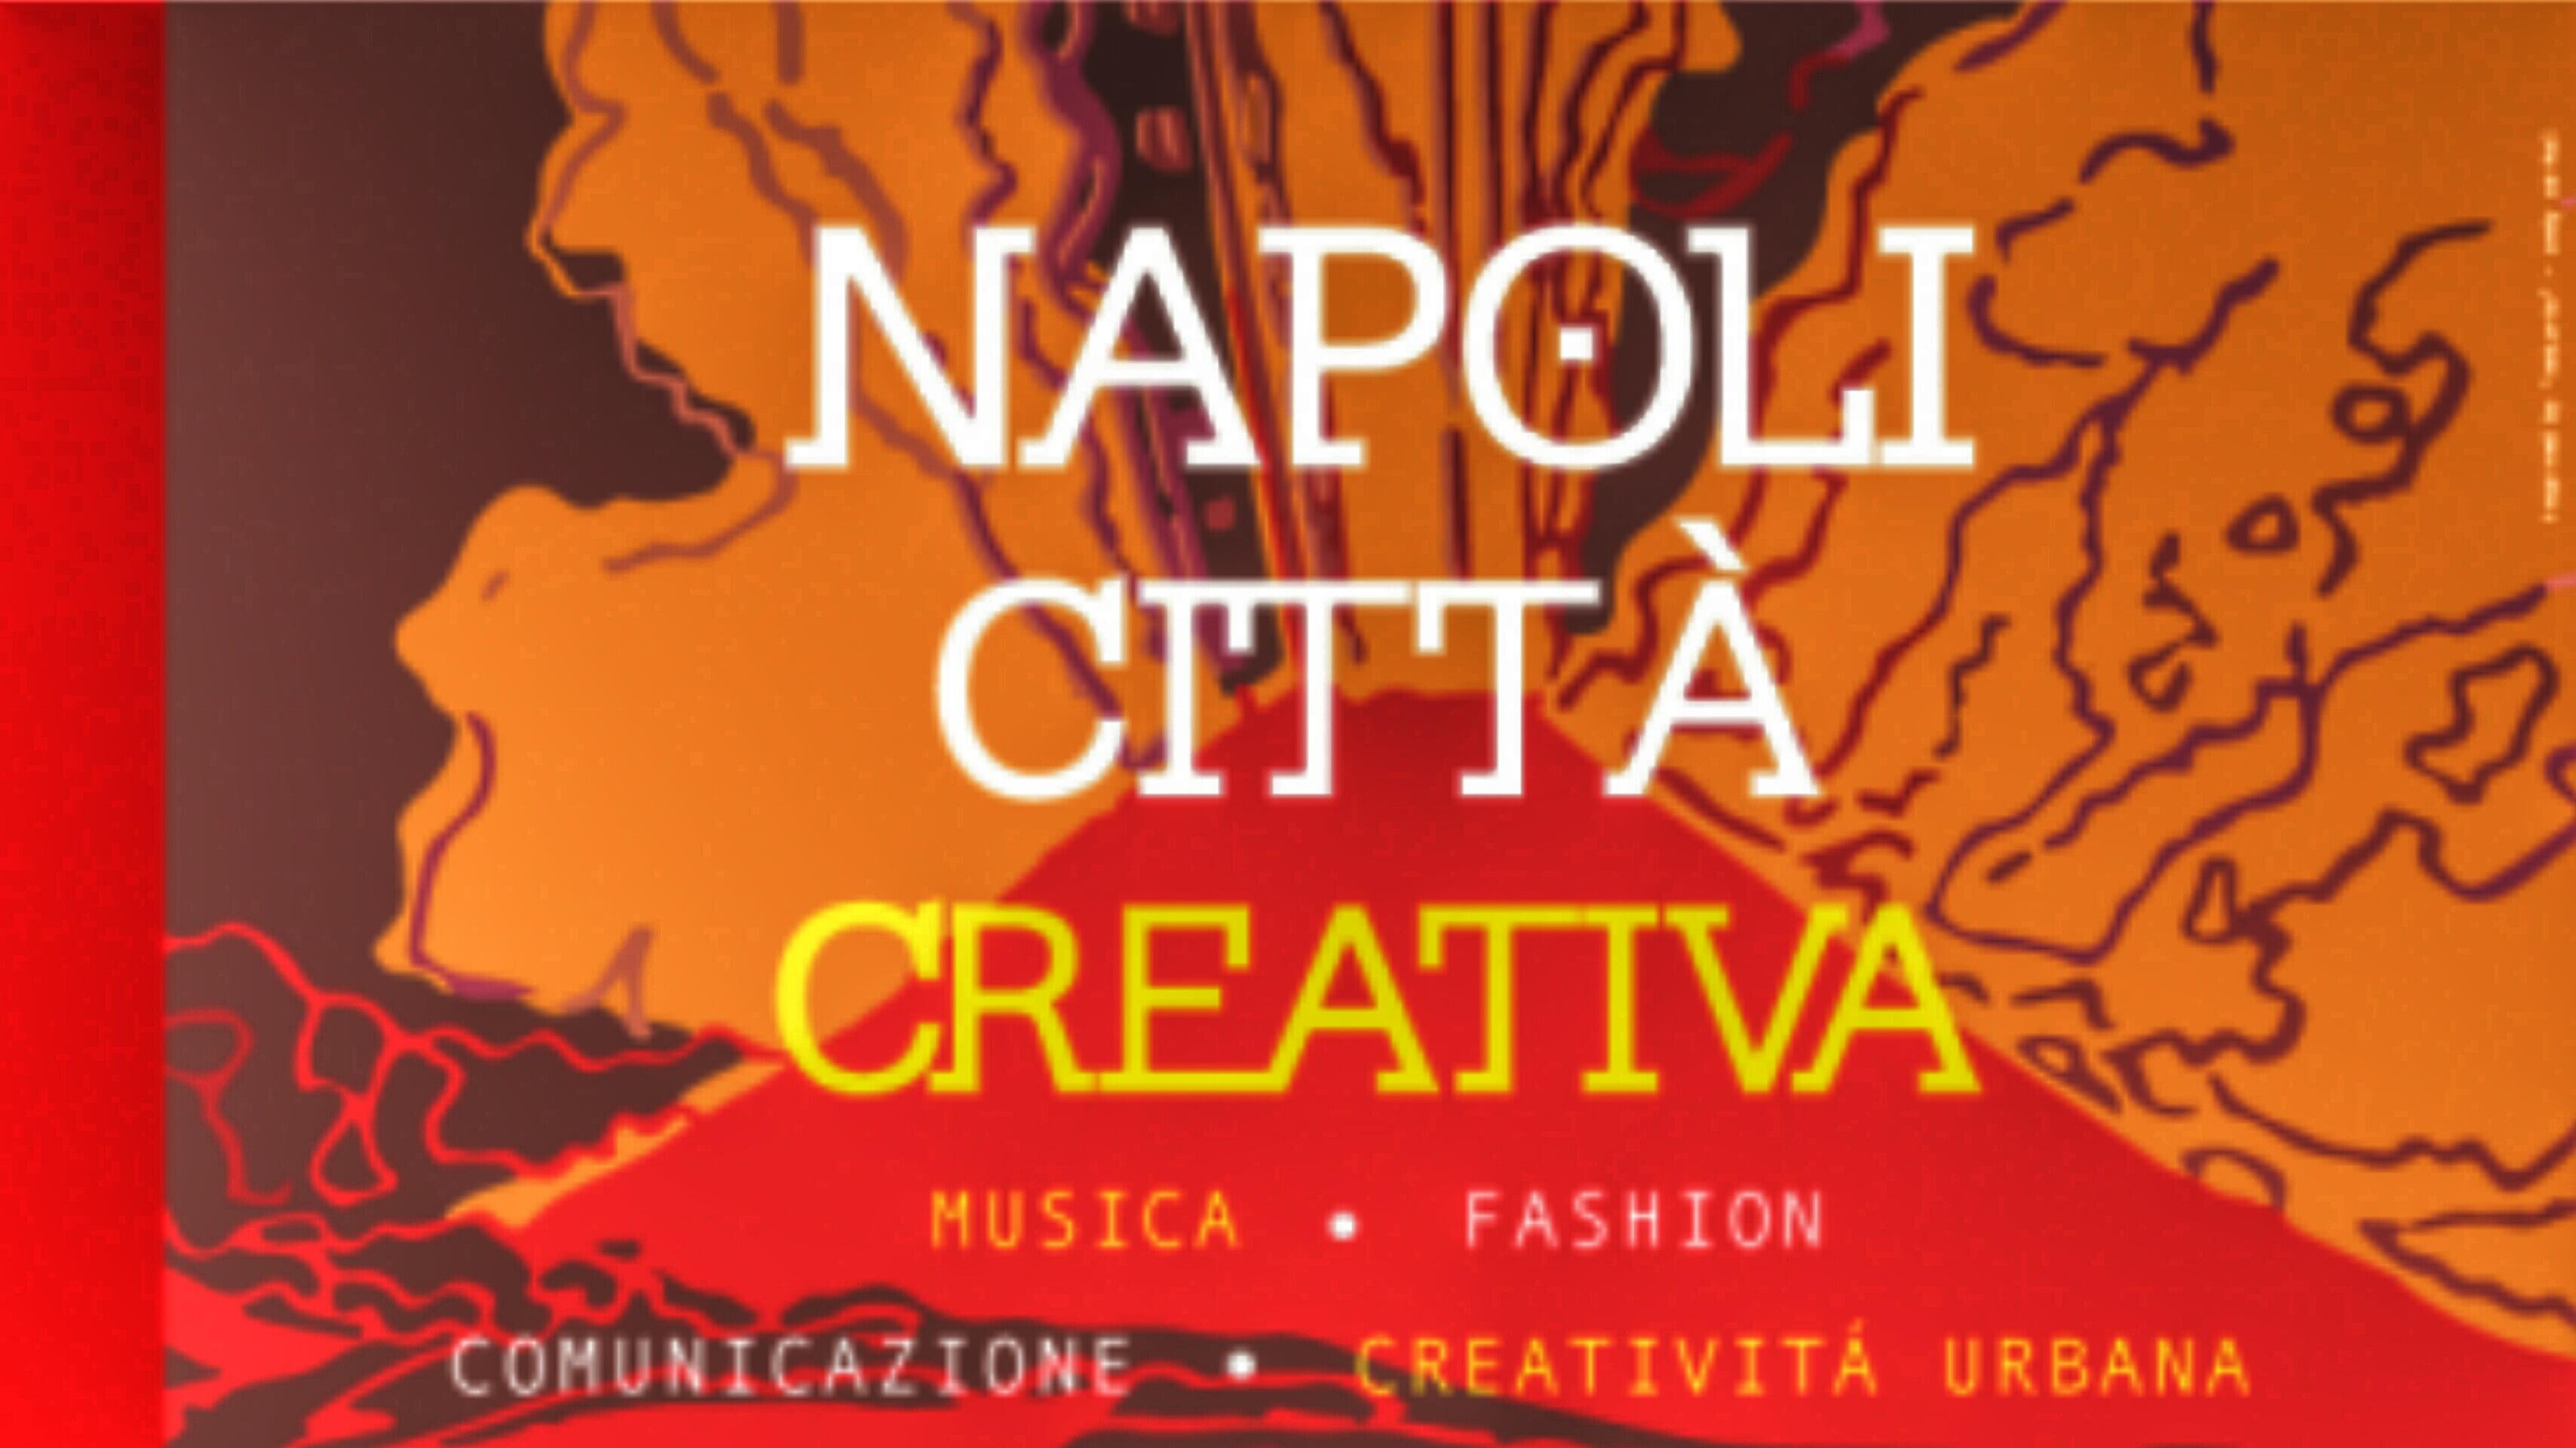 Napoli Città Creativa in Pop Art, la rassegna che intreccia giovani, creatività e Pop Art